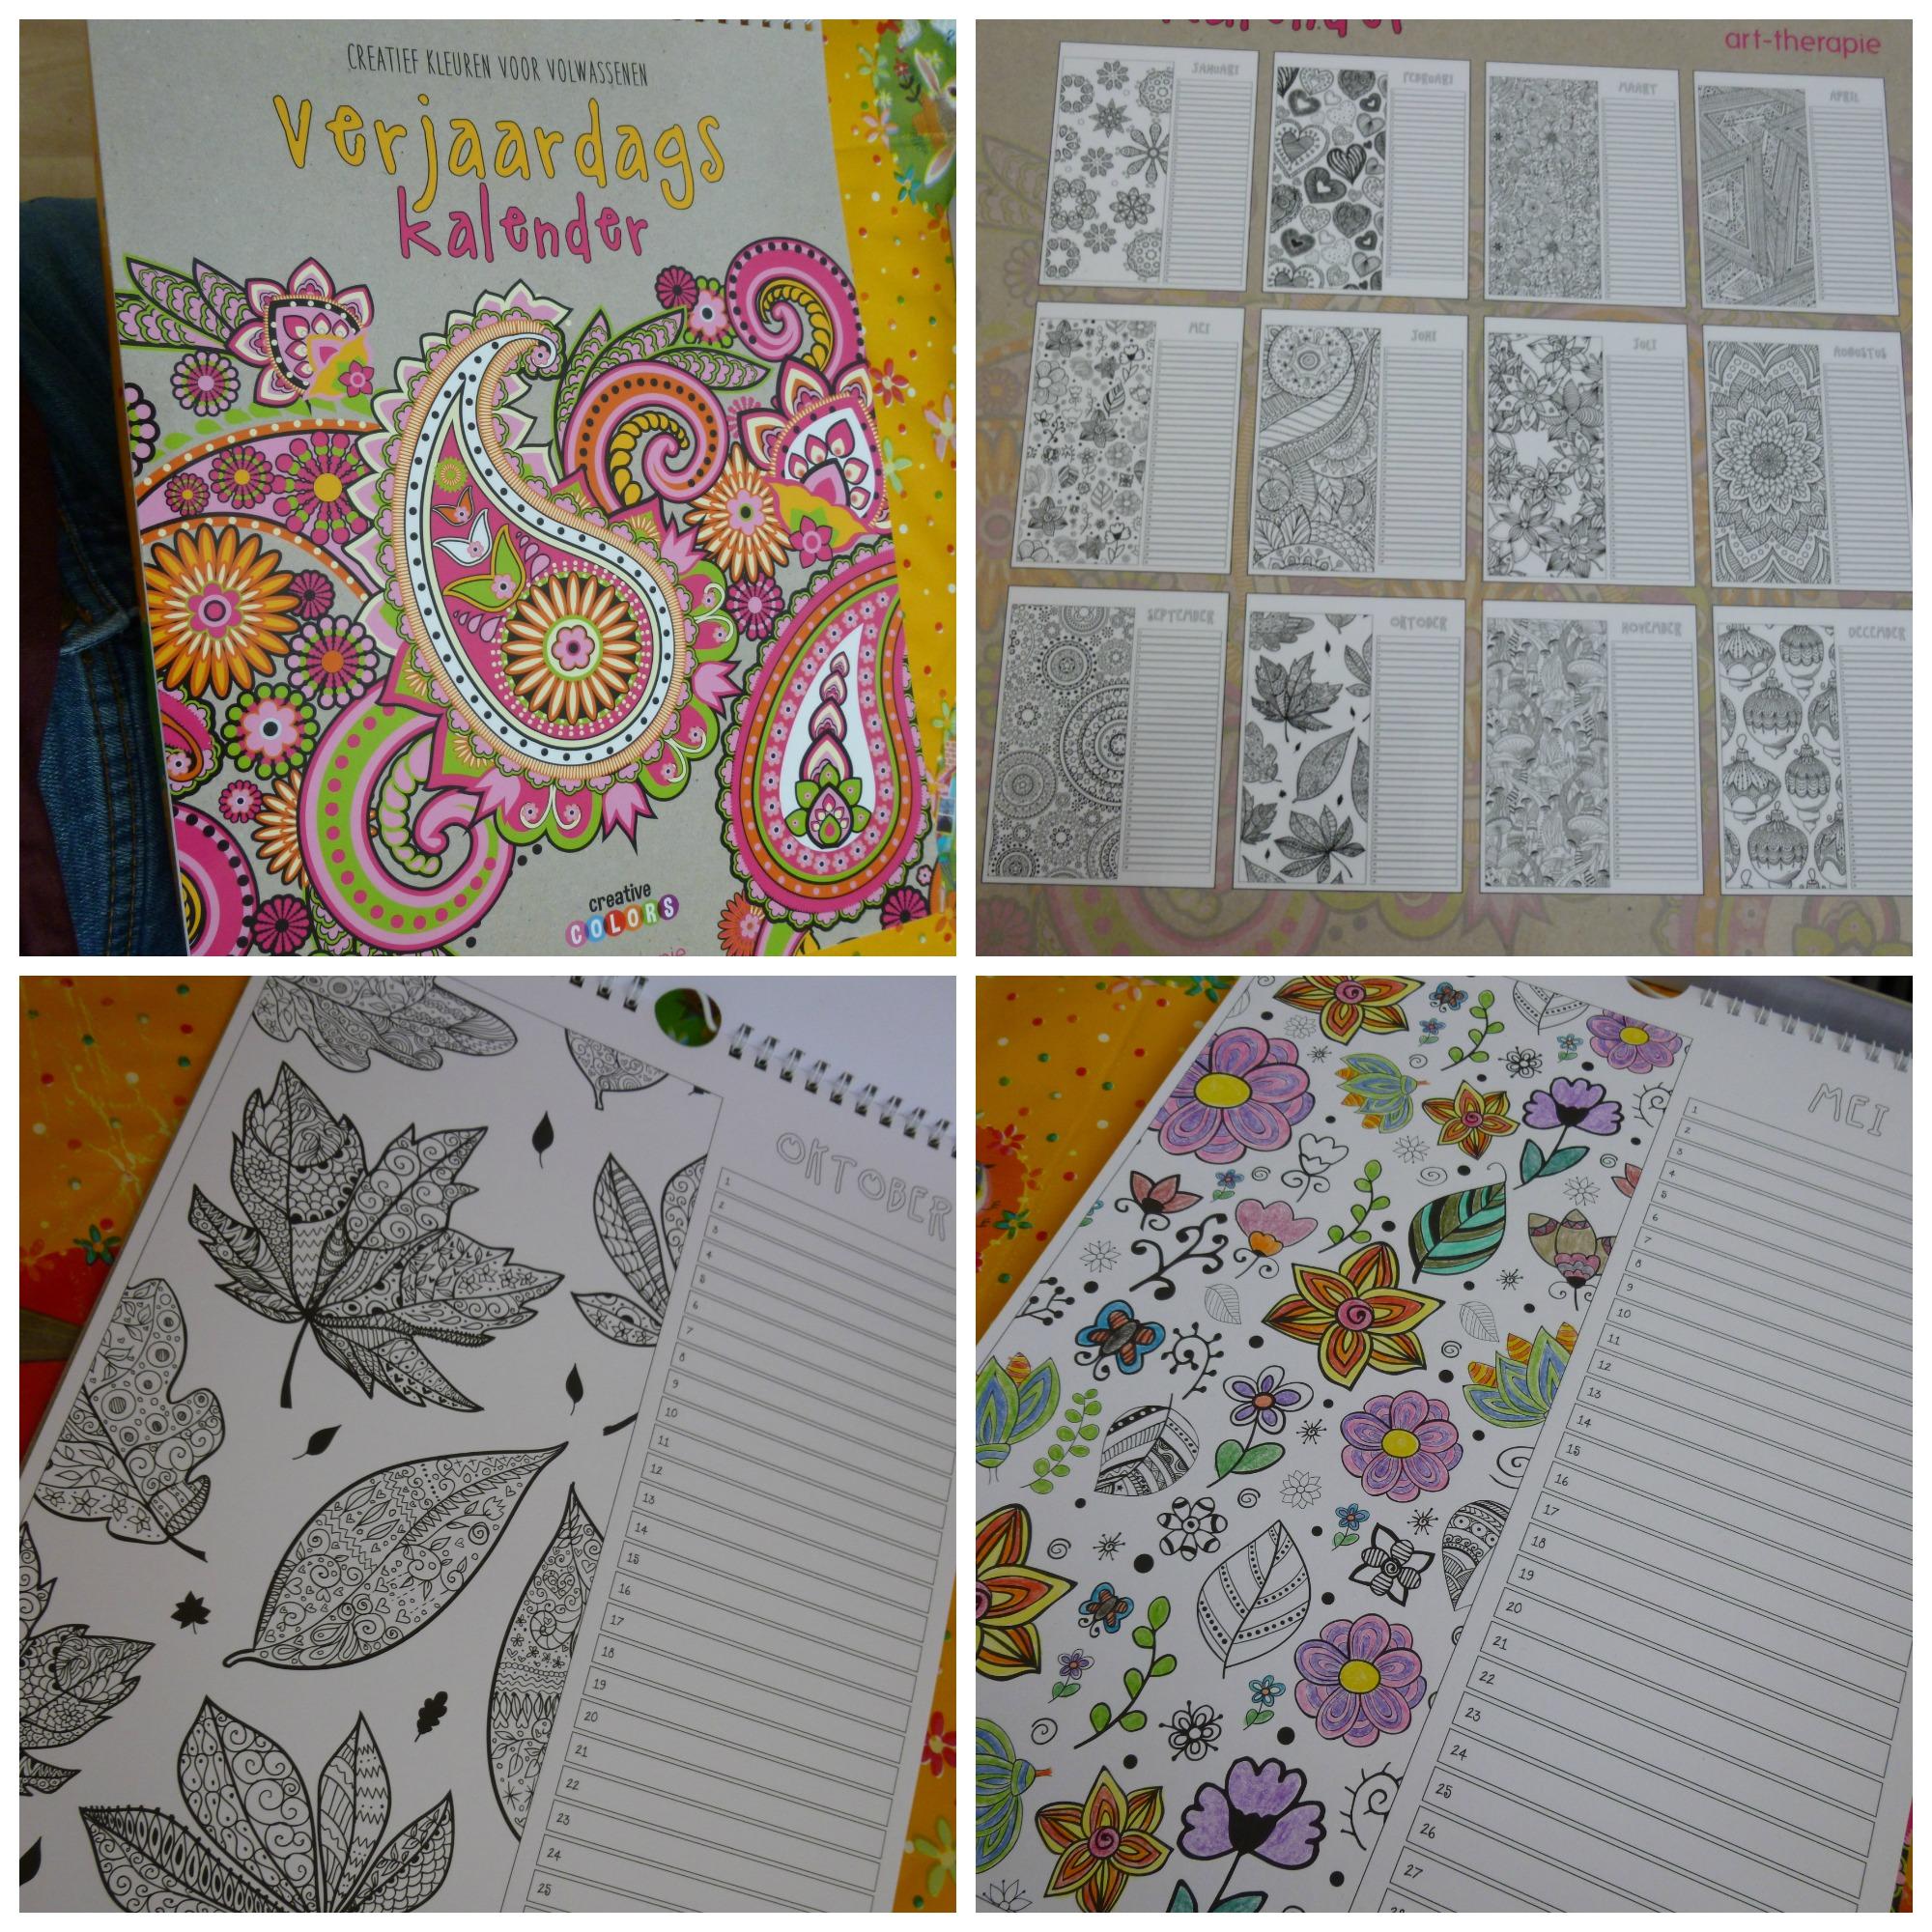 Kleurplaten Volwassenen Waarom.Verjaardagskalender Creatief Kleuren Voor Volwassenen